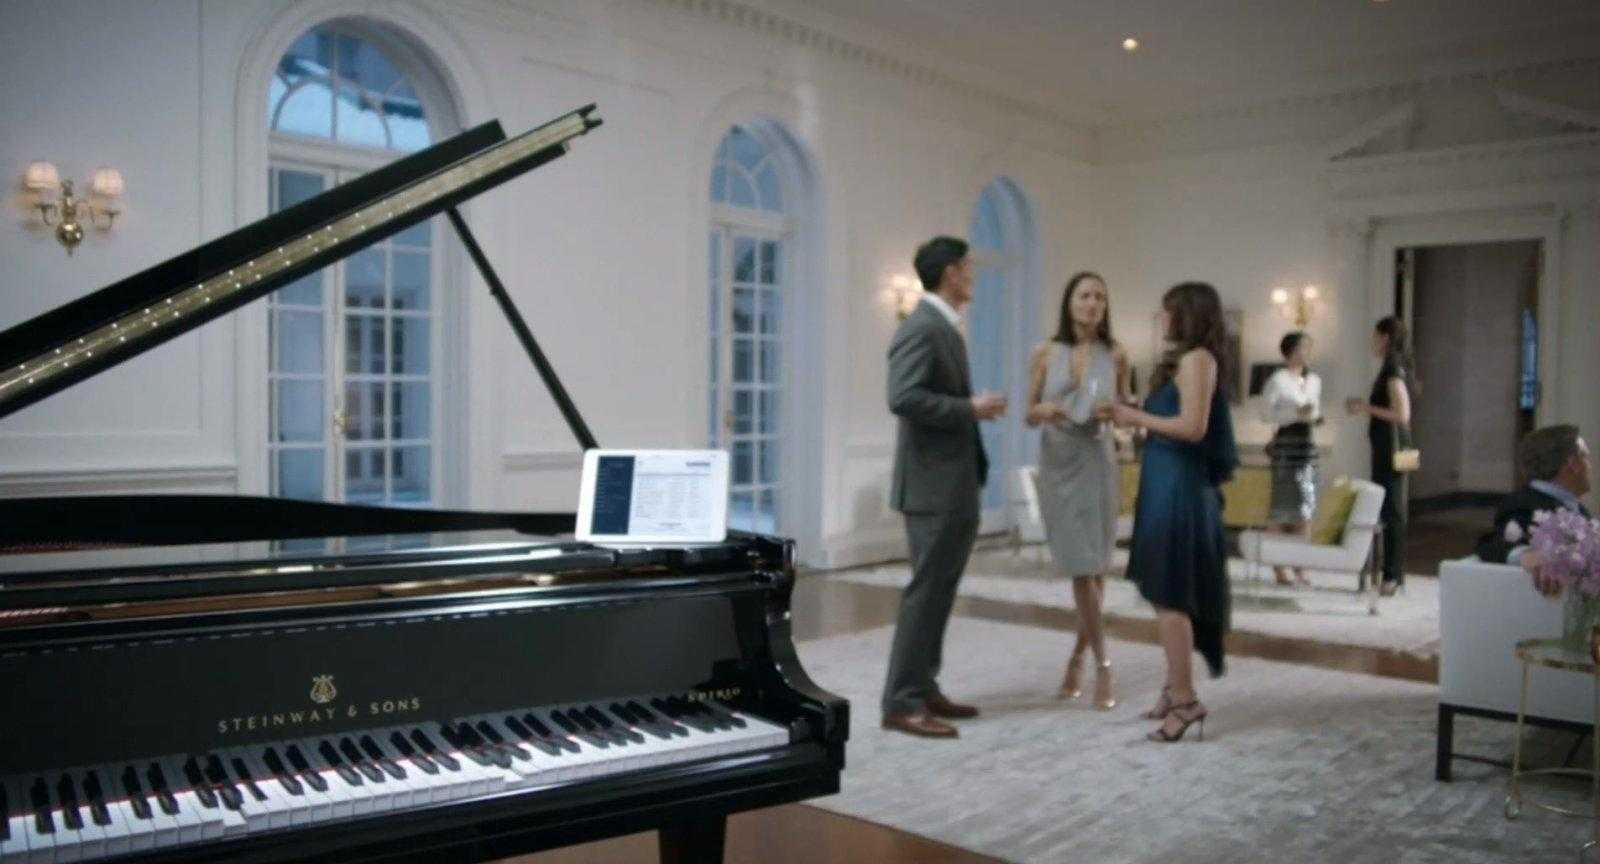 Steinway выпустил высокотехнологичный рояль, который записывает выступление (dims 1)